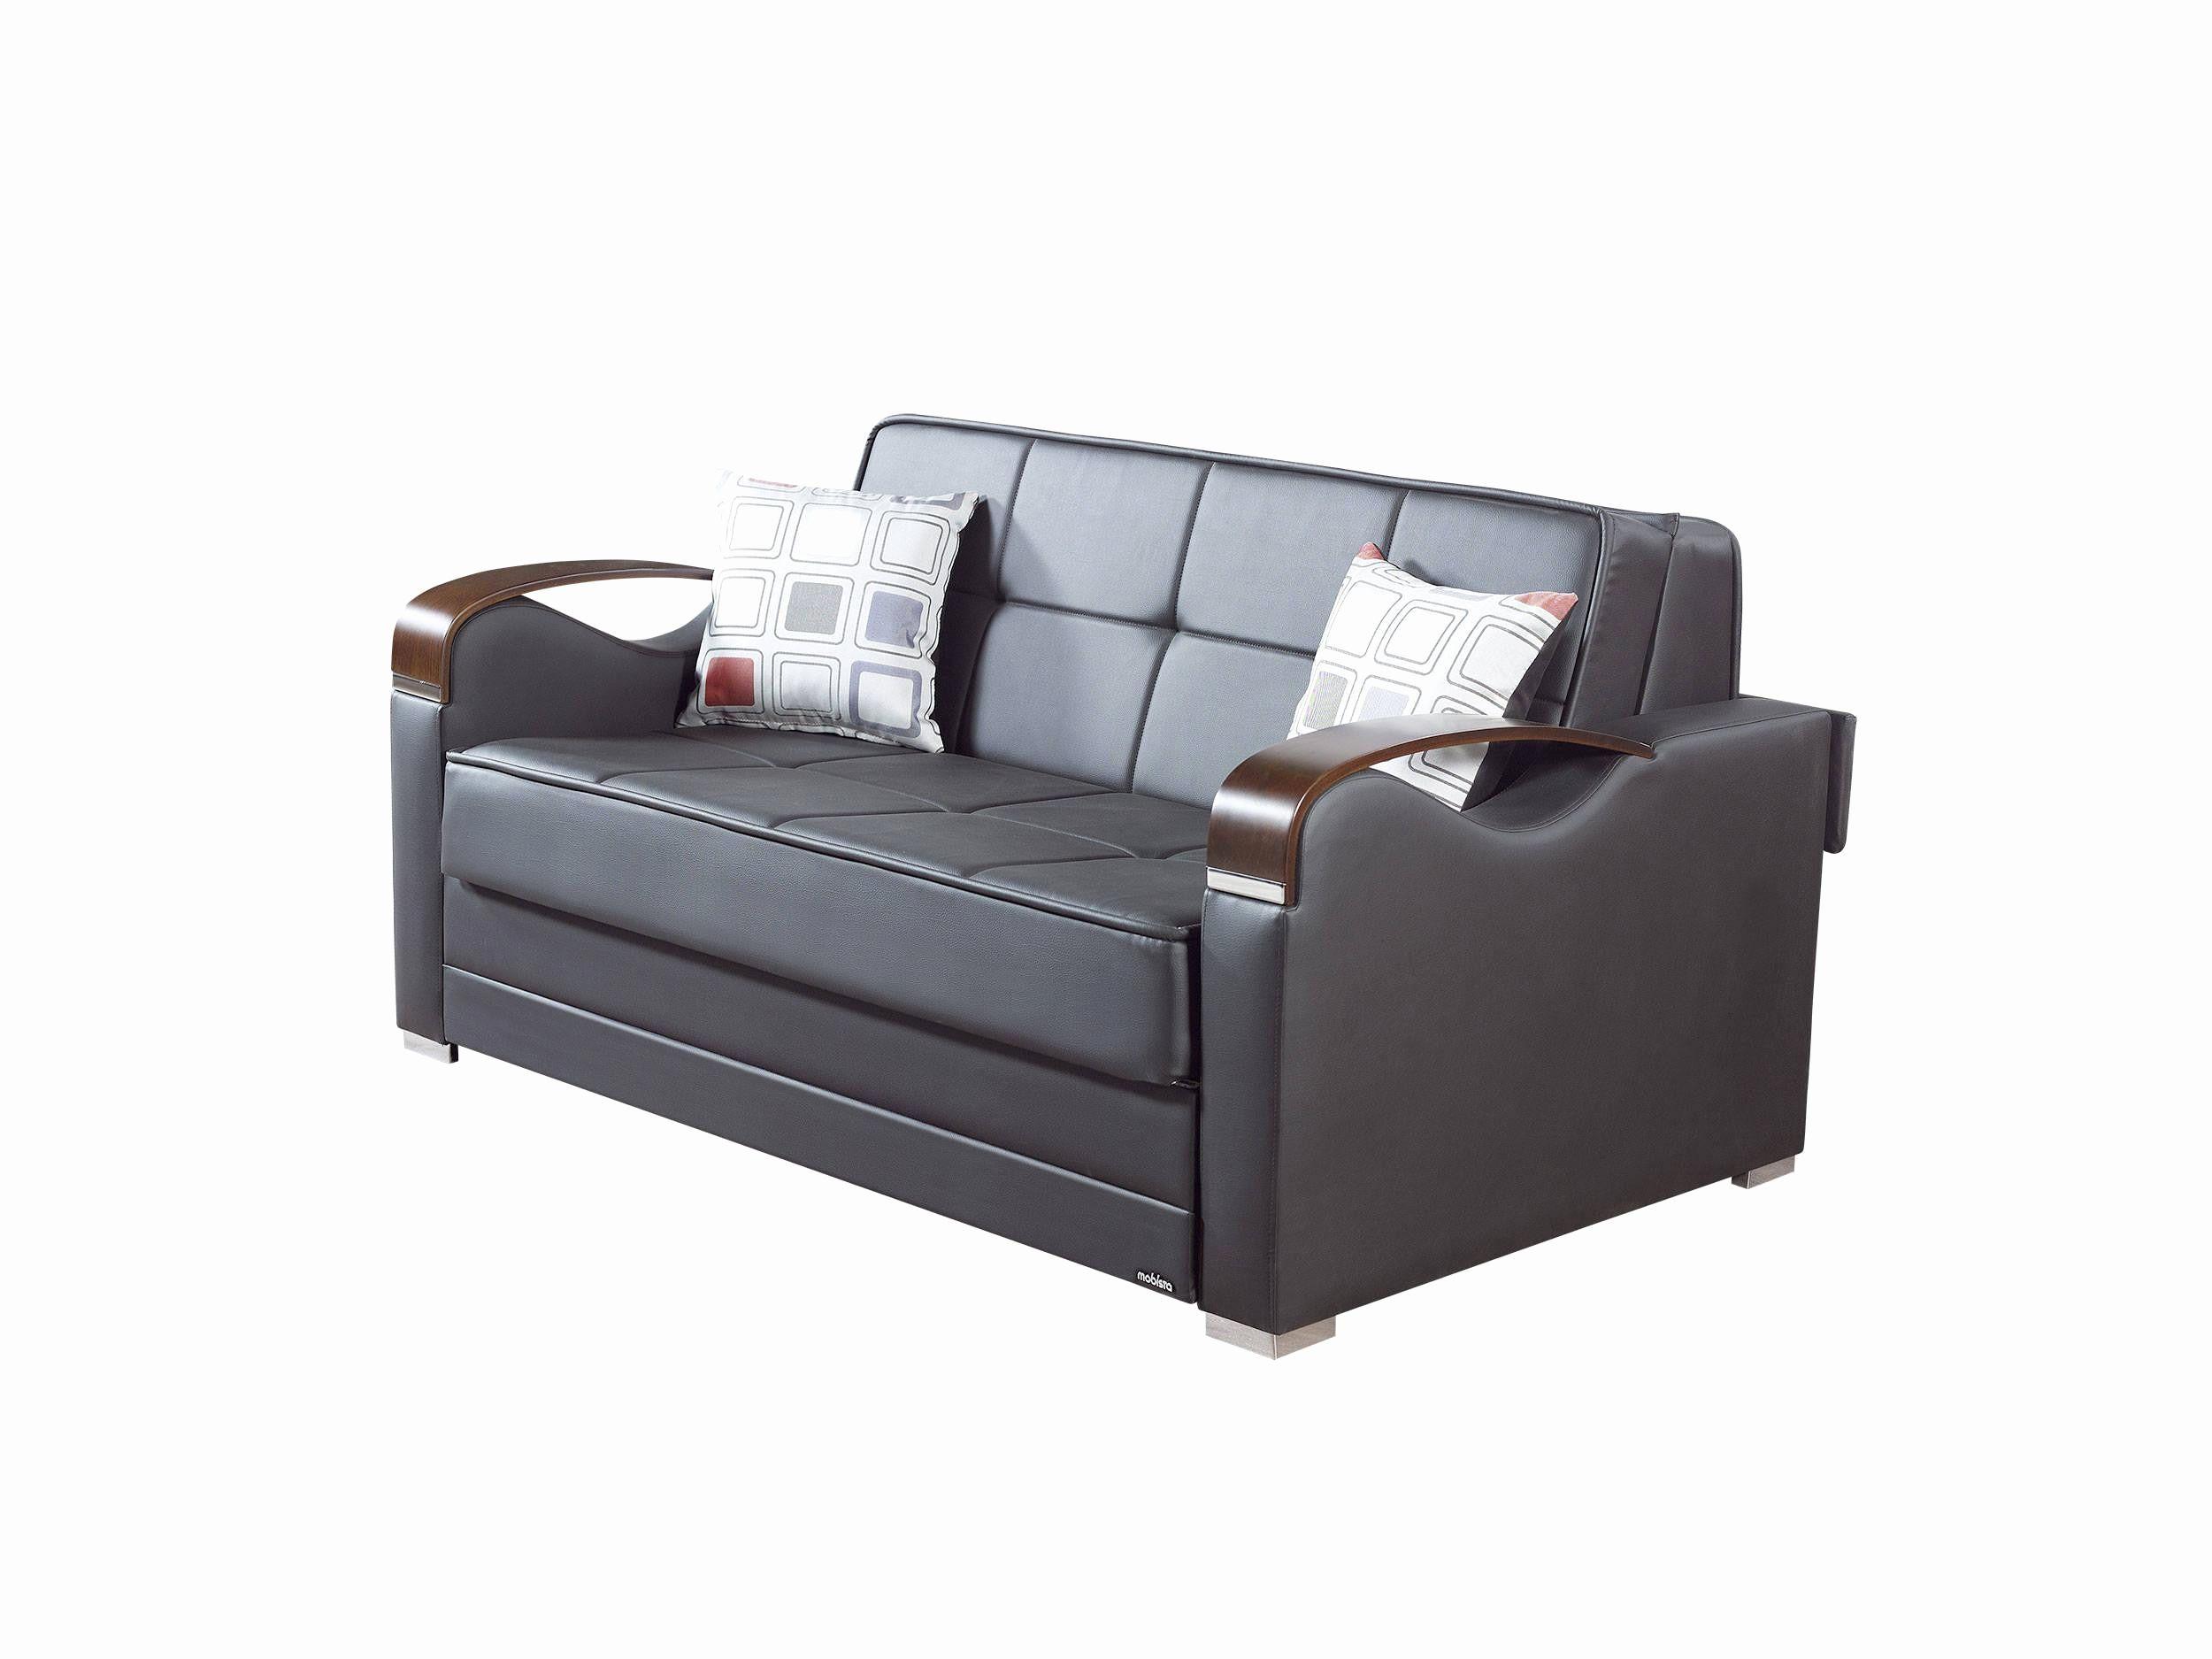 21 Neue Kleine Orange Sofa Sofa Couch Mobel Sofa Ikea Ledersofa